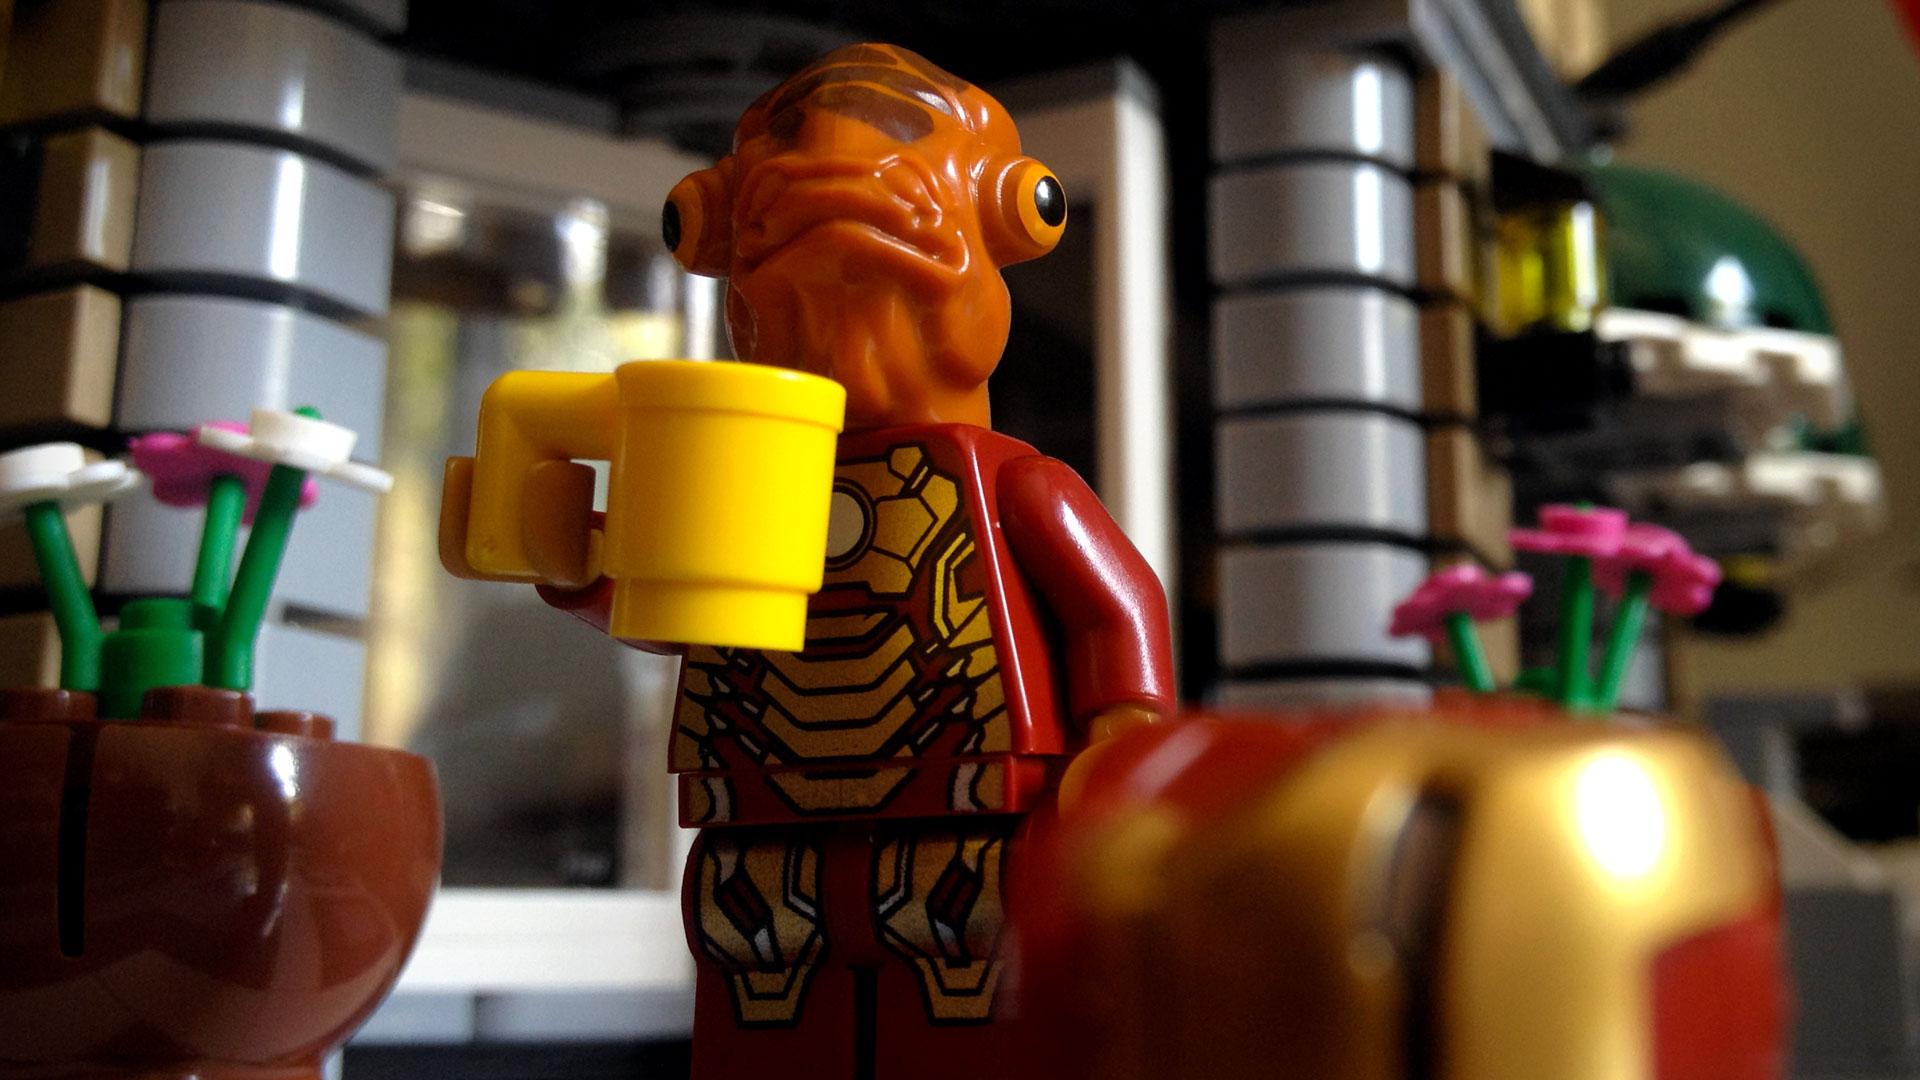 LegoGenre: Iron Mon Calamari